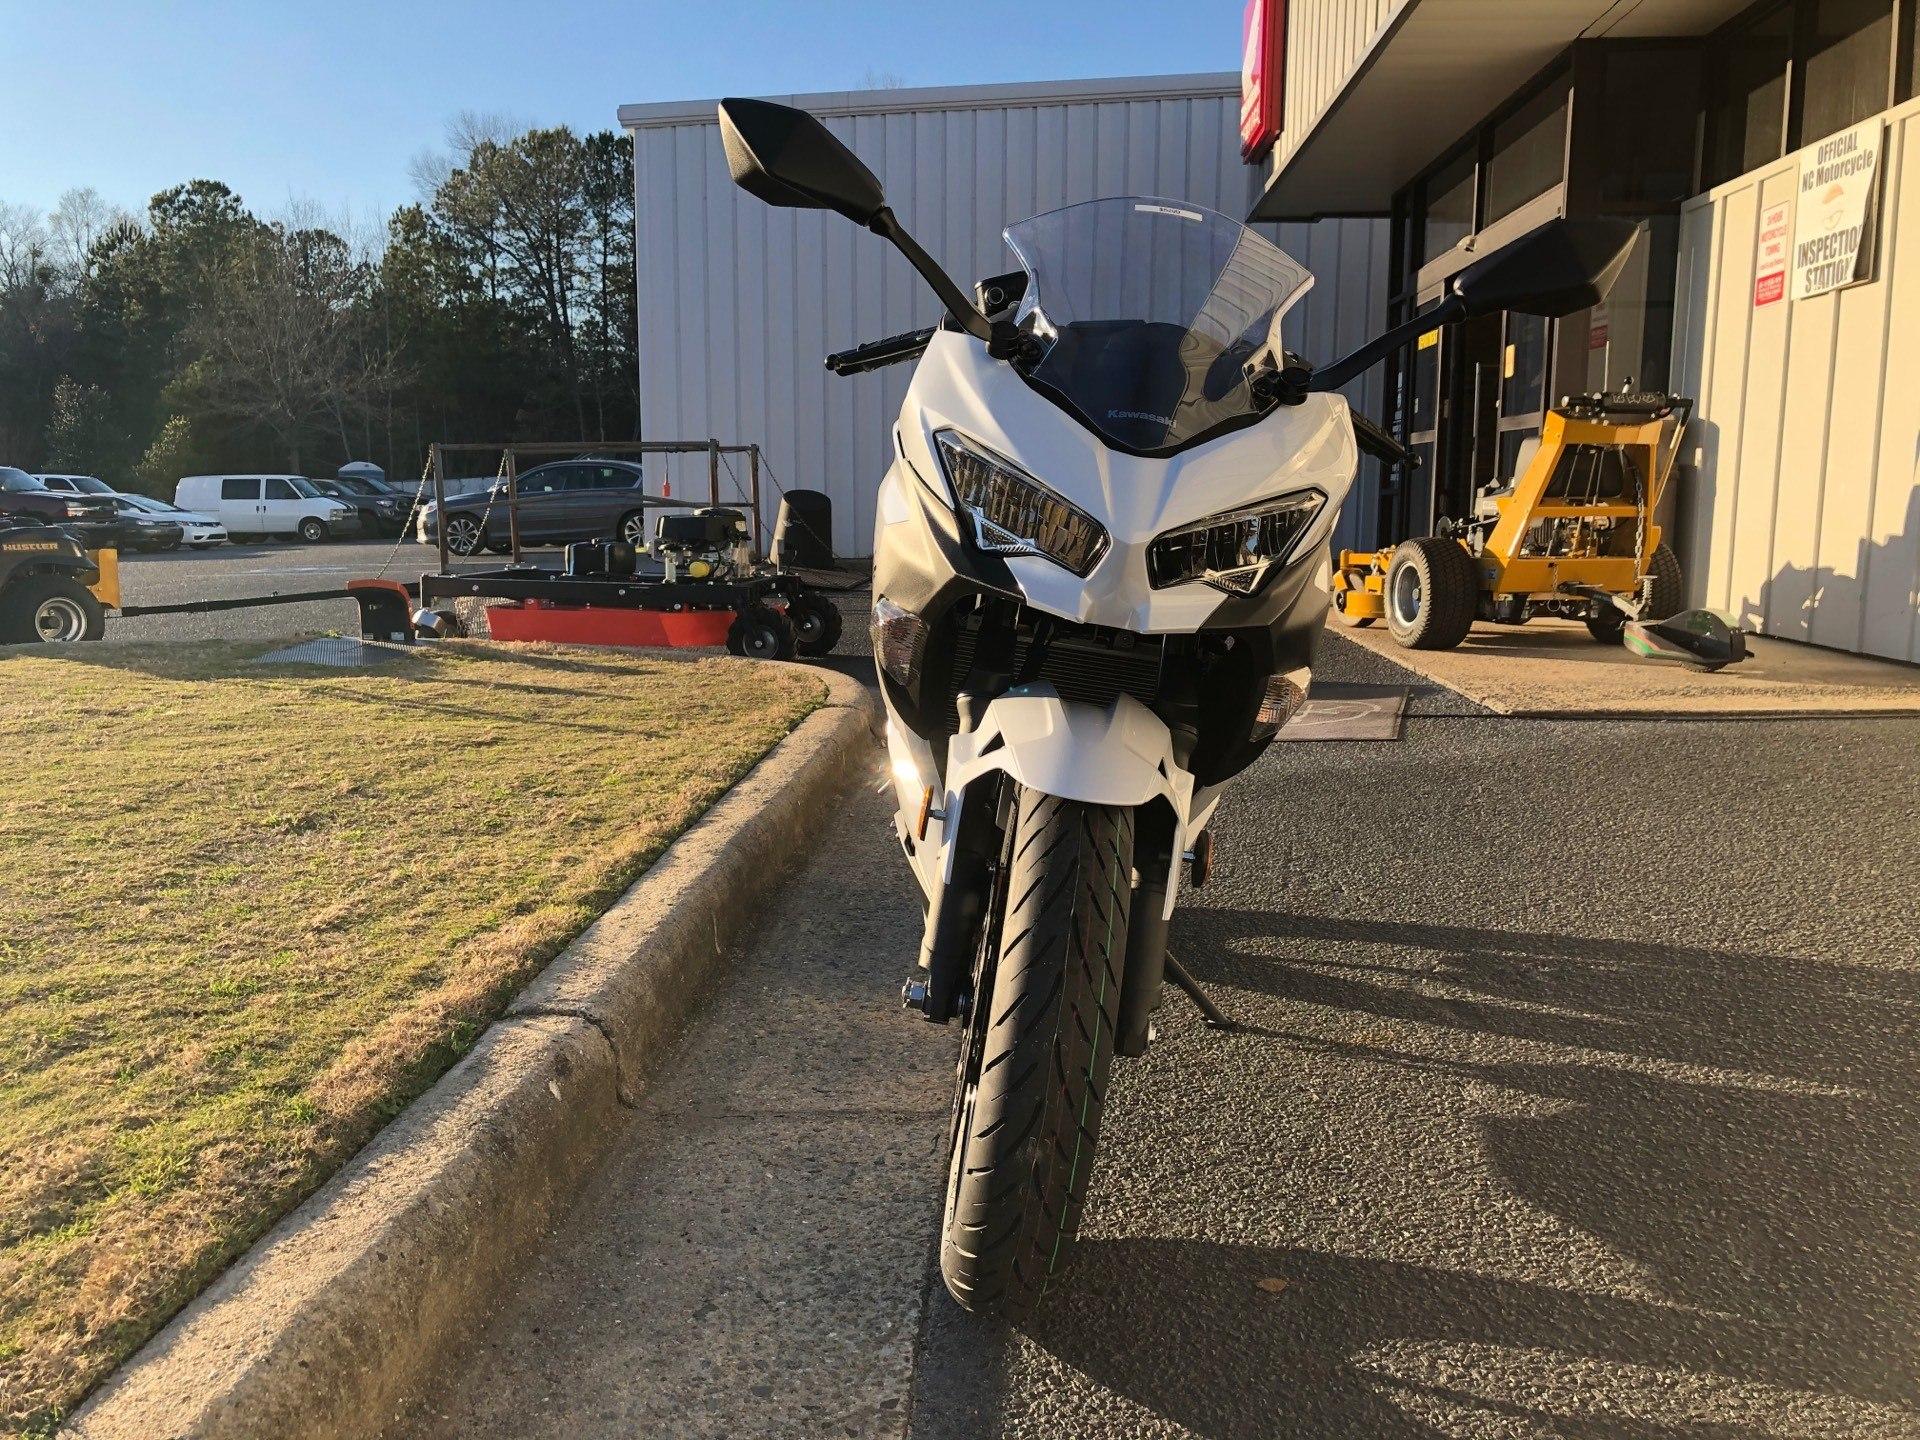 2020 Kawasaki Ninja 400 ABS 4